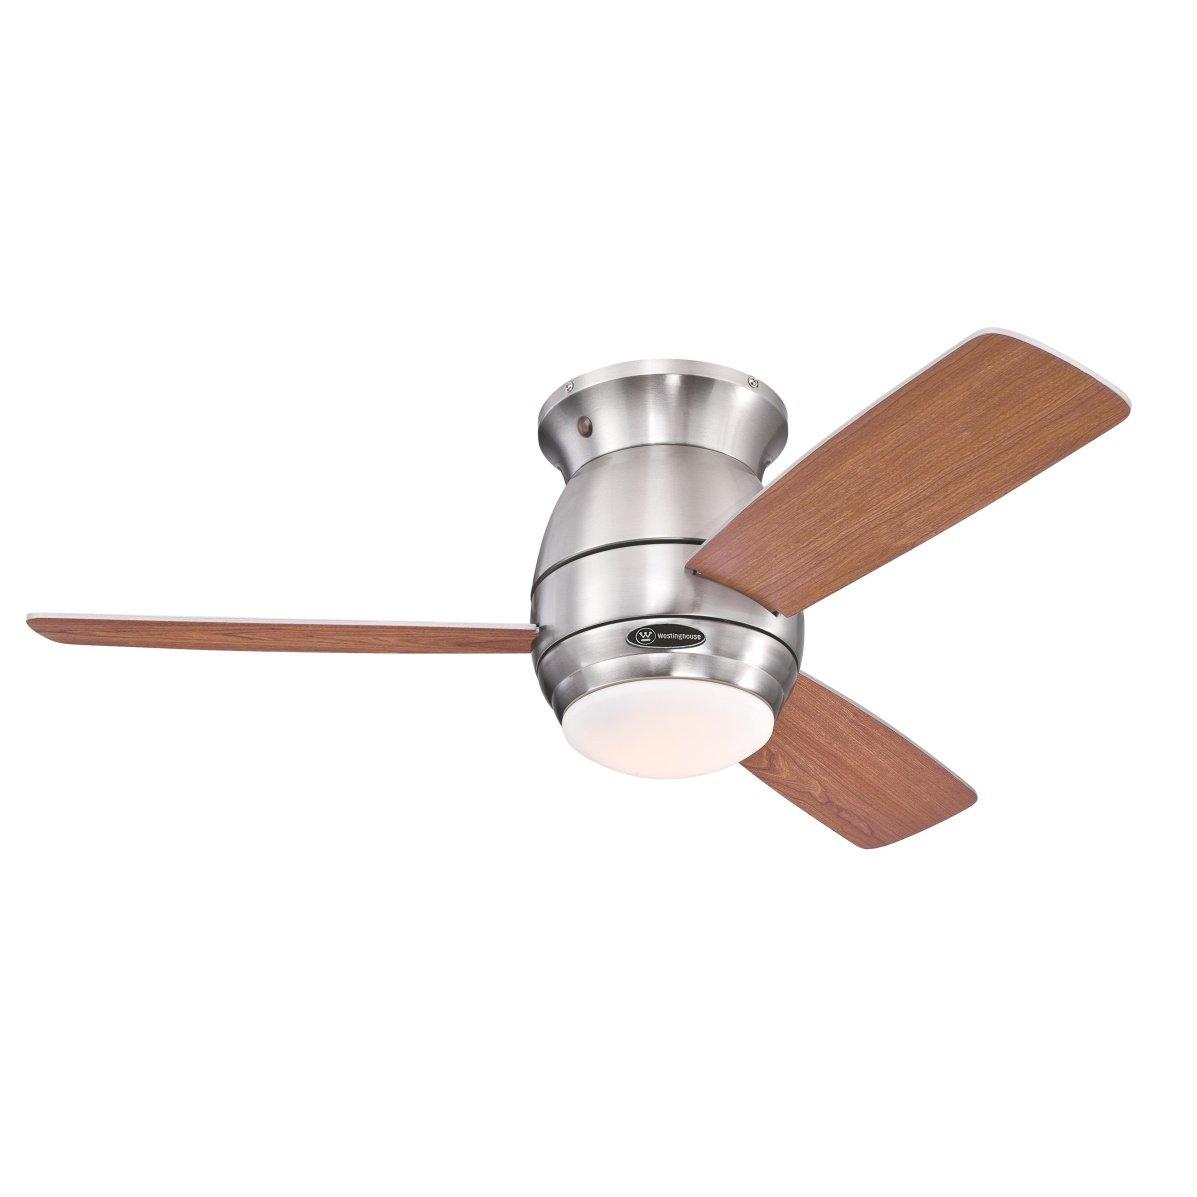 Westinghouse 7218140 Ventilateur de Plafond d'Intérieur, Kit d'Eclairage, Métal, Nickel Brossé product image